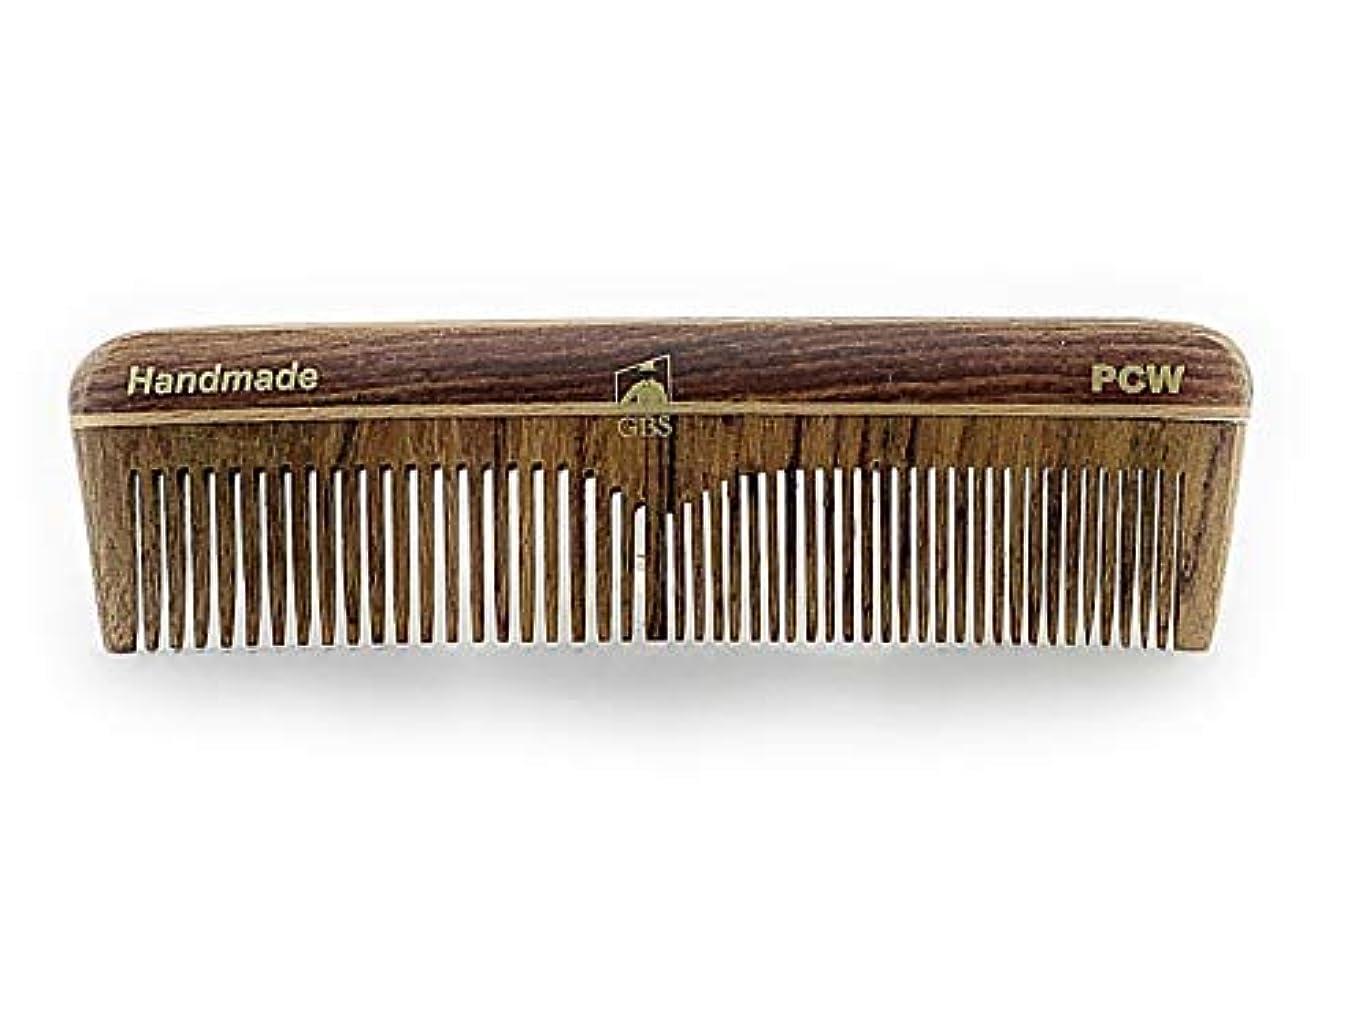 付添人尊敬する俳句GBS Natural Wood Handmade Pocket Beard and Hair Comb - Comb 5